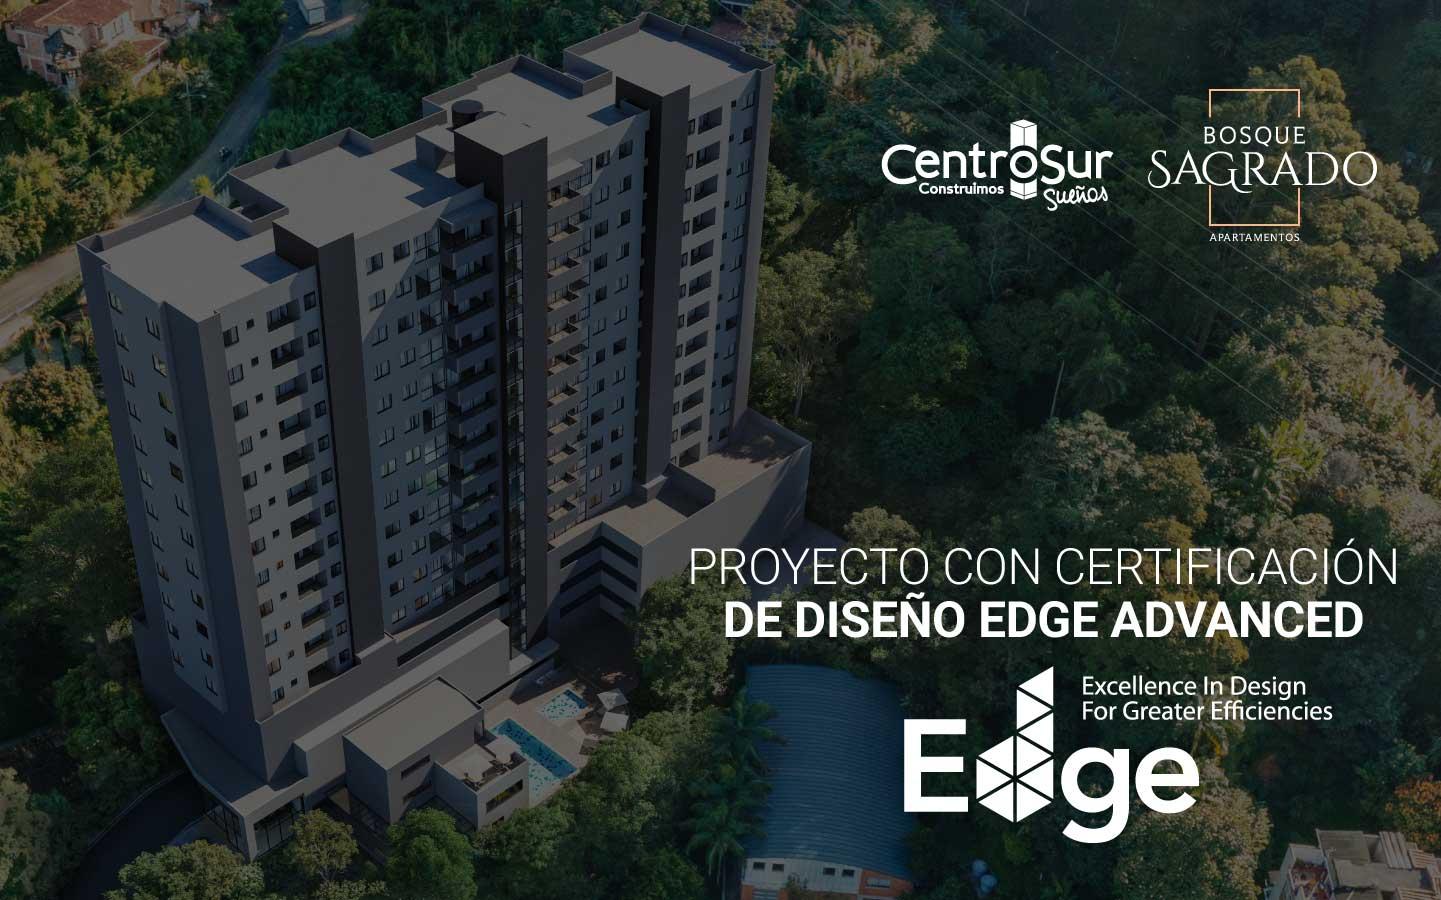 Certificación de construcción sostenible EDGE para Bosque Sagrado.